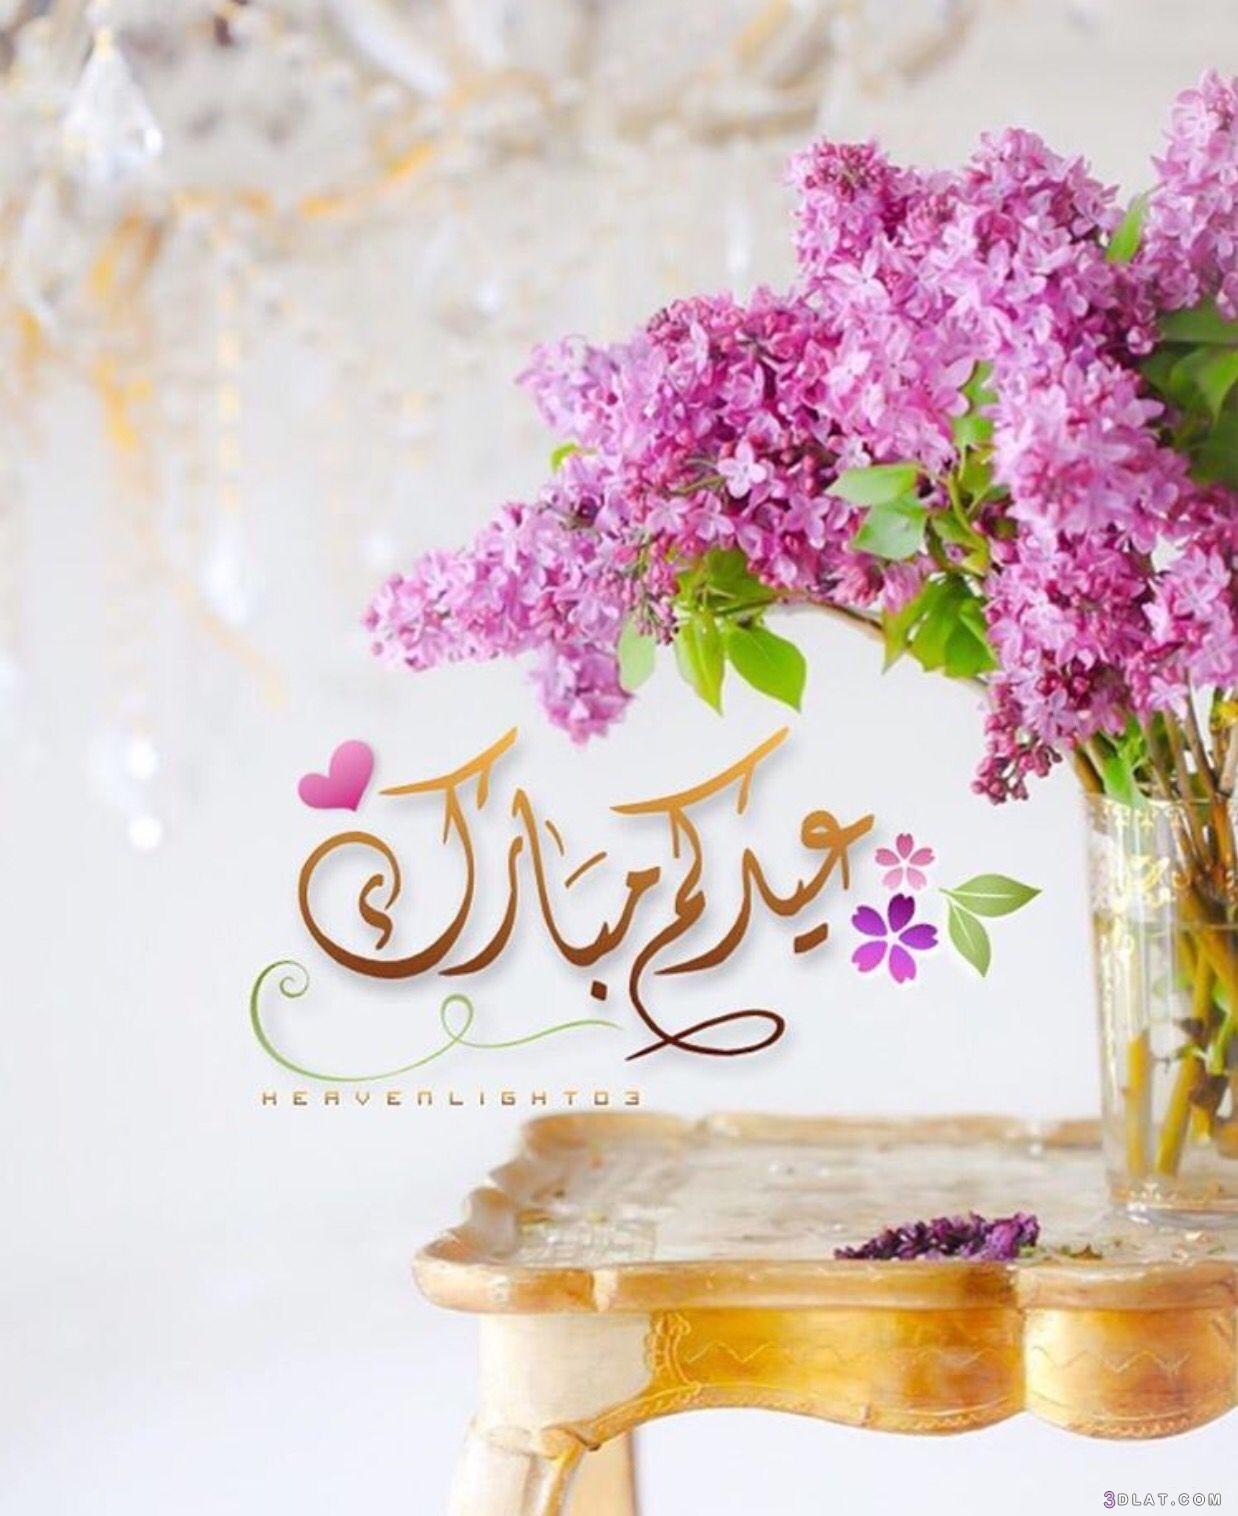 صور عن العيد 2020 رسائل عيد الفطر عيد الفطر المبارك صور عيد الفطر 12